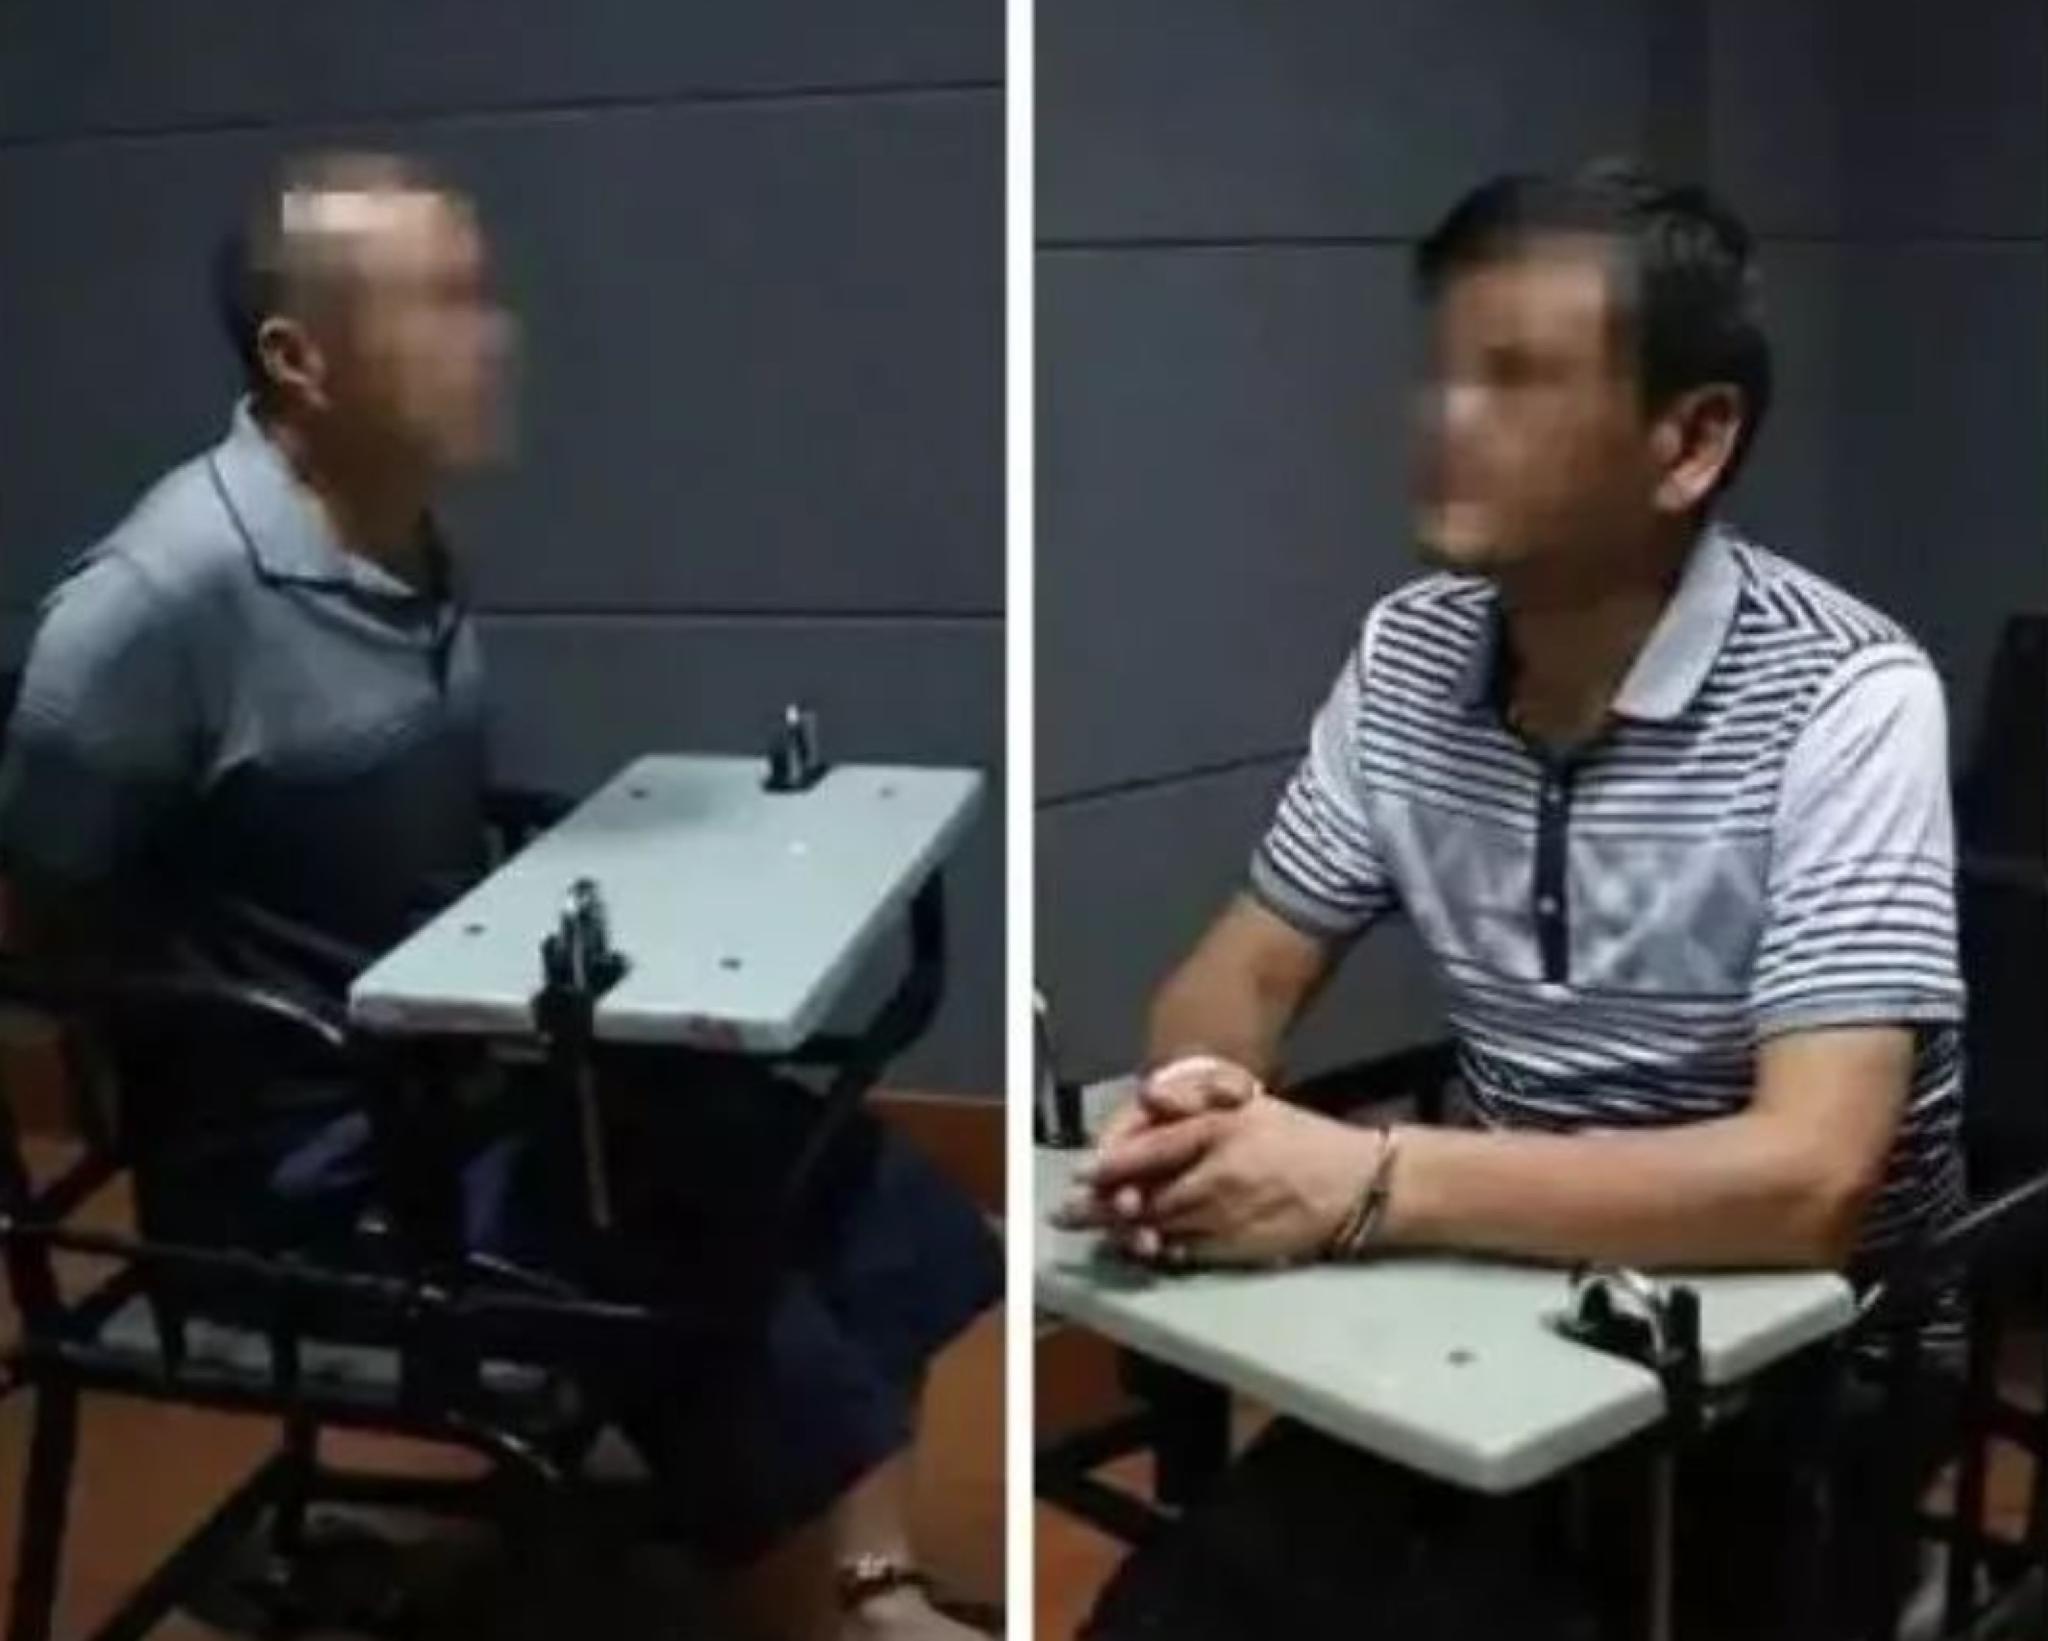 汪维明(左)和刘永彪(右)。 警方供图